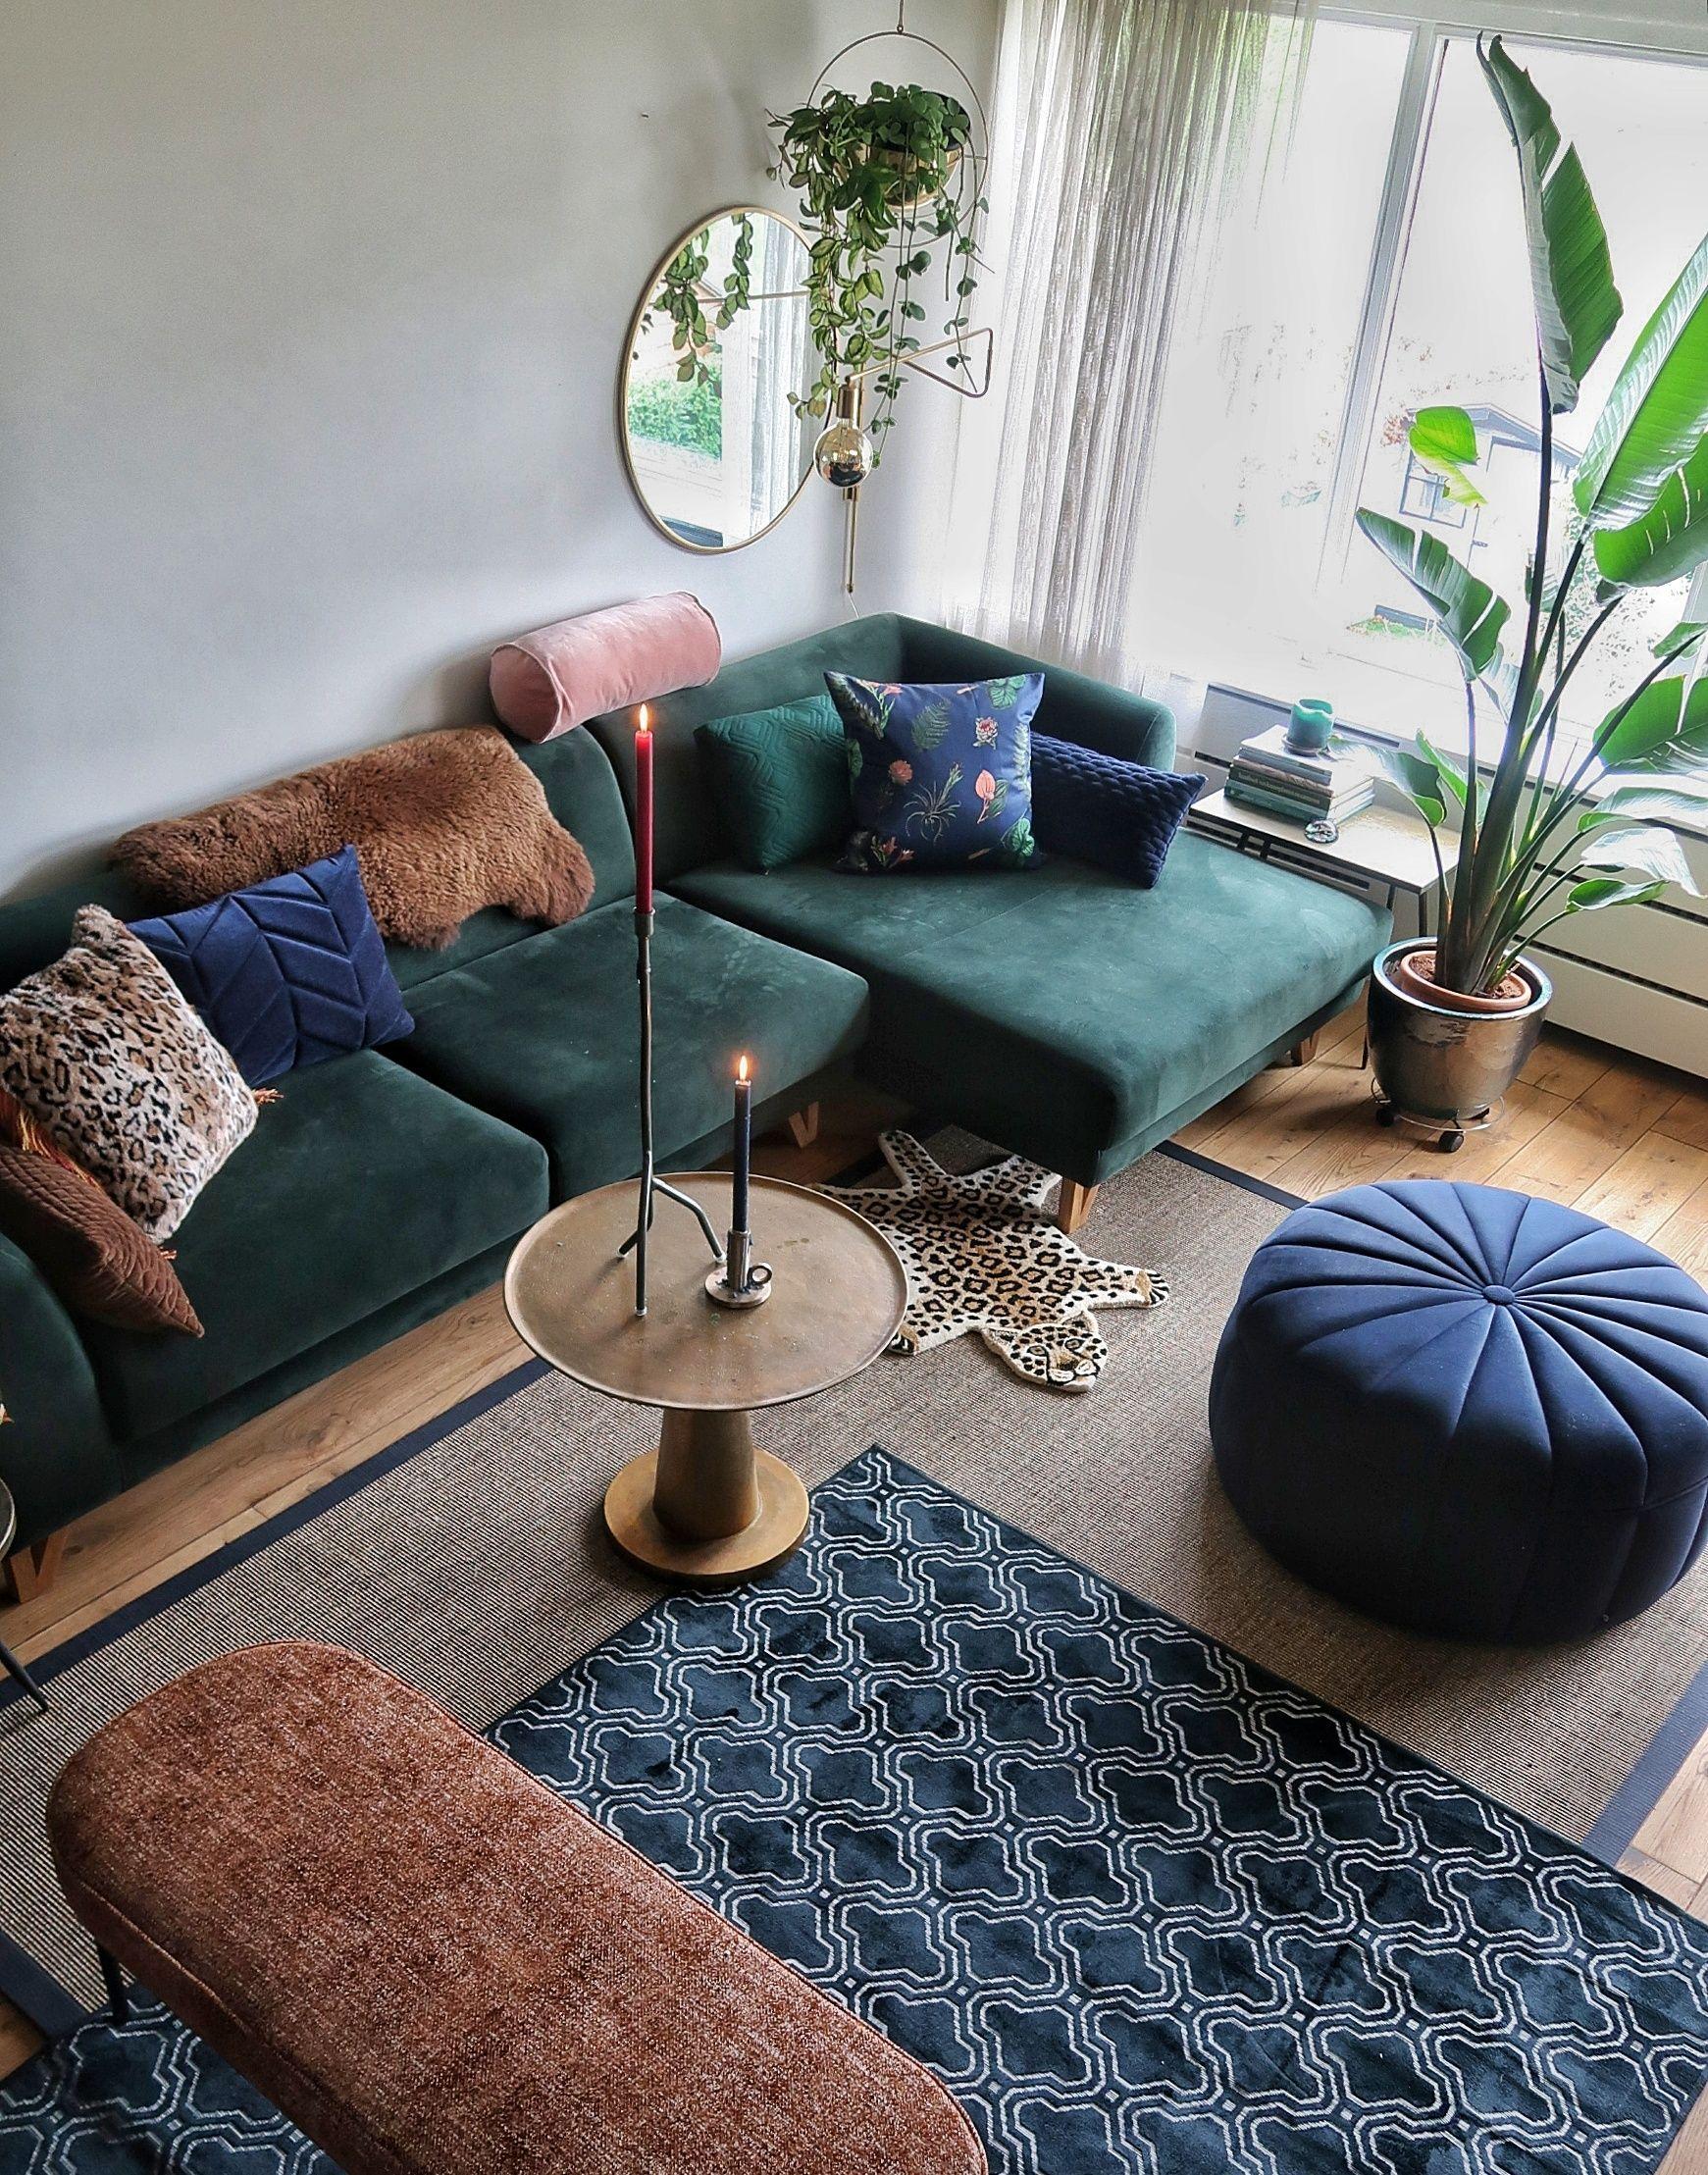 Mijn Prachtige Groene Velvet Bank En Blauwe Velvet Poef Van Sofa Company Velvet Sofa Living Room Green Sofa Living Room Living Room Green